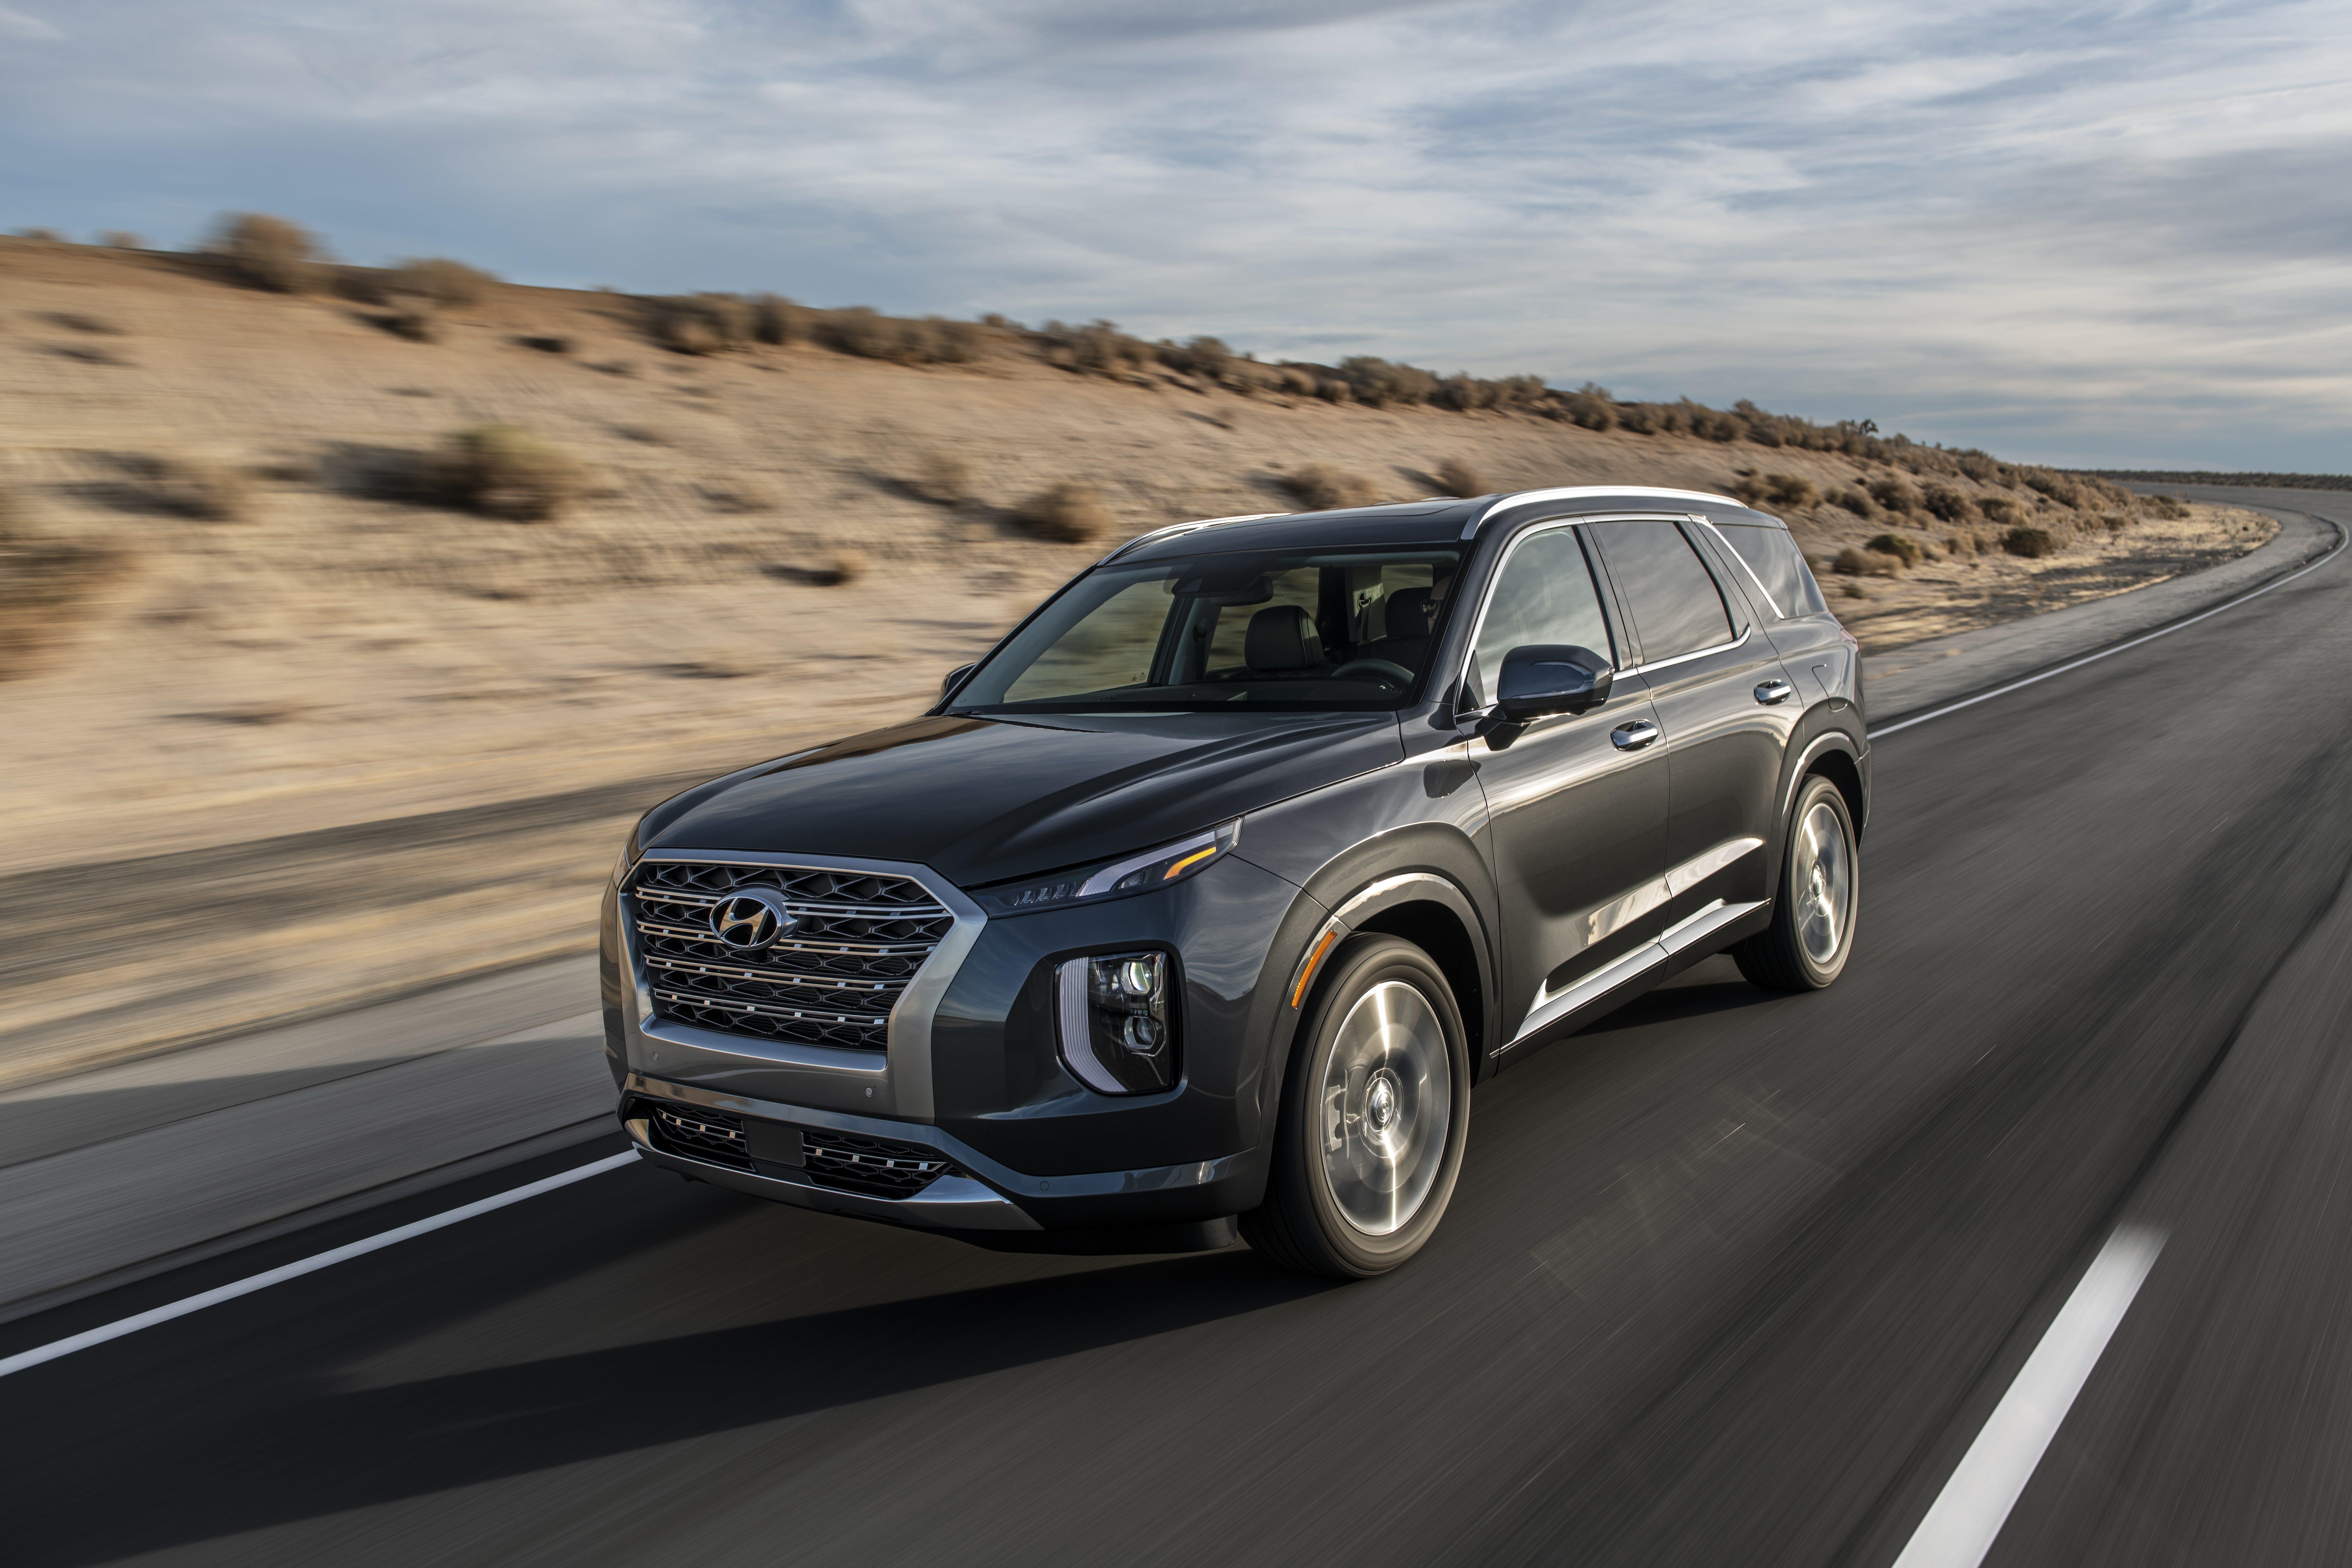 La Auto Show Hyundai Palisade 3 Row Suv Makes Global Debut